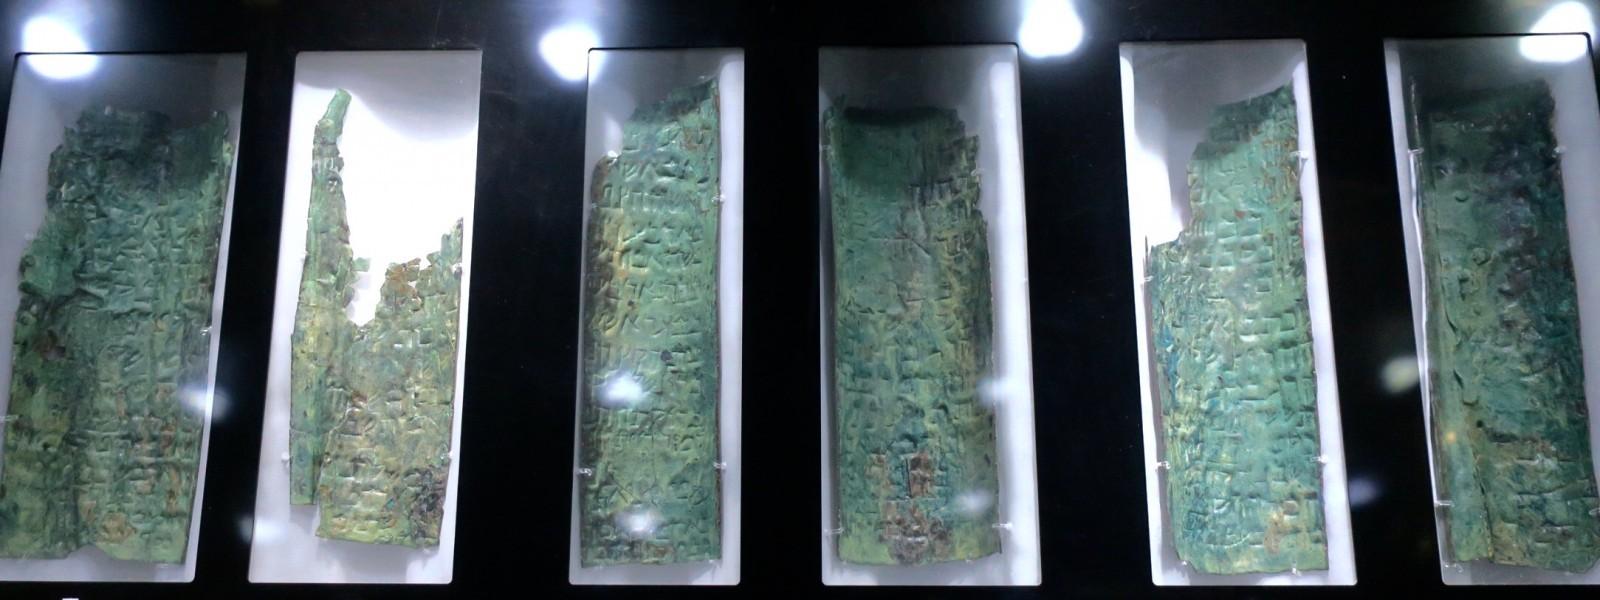 Рукописи не горят: секрет долговечности свитков Мертвого моря, датируемых 250 годом до н.э - 6